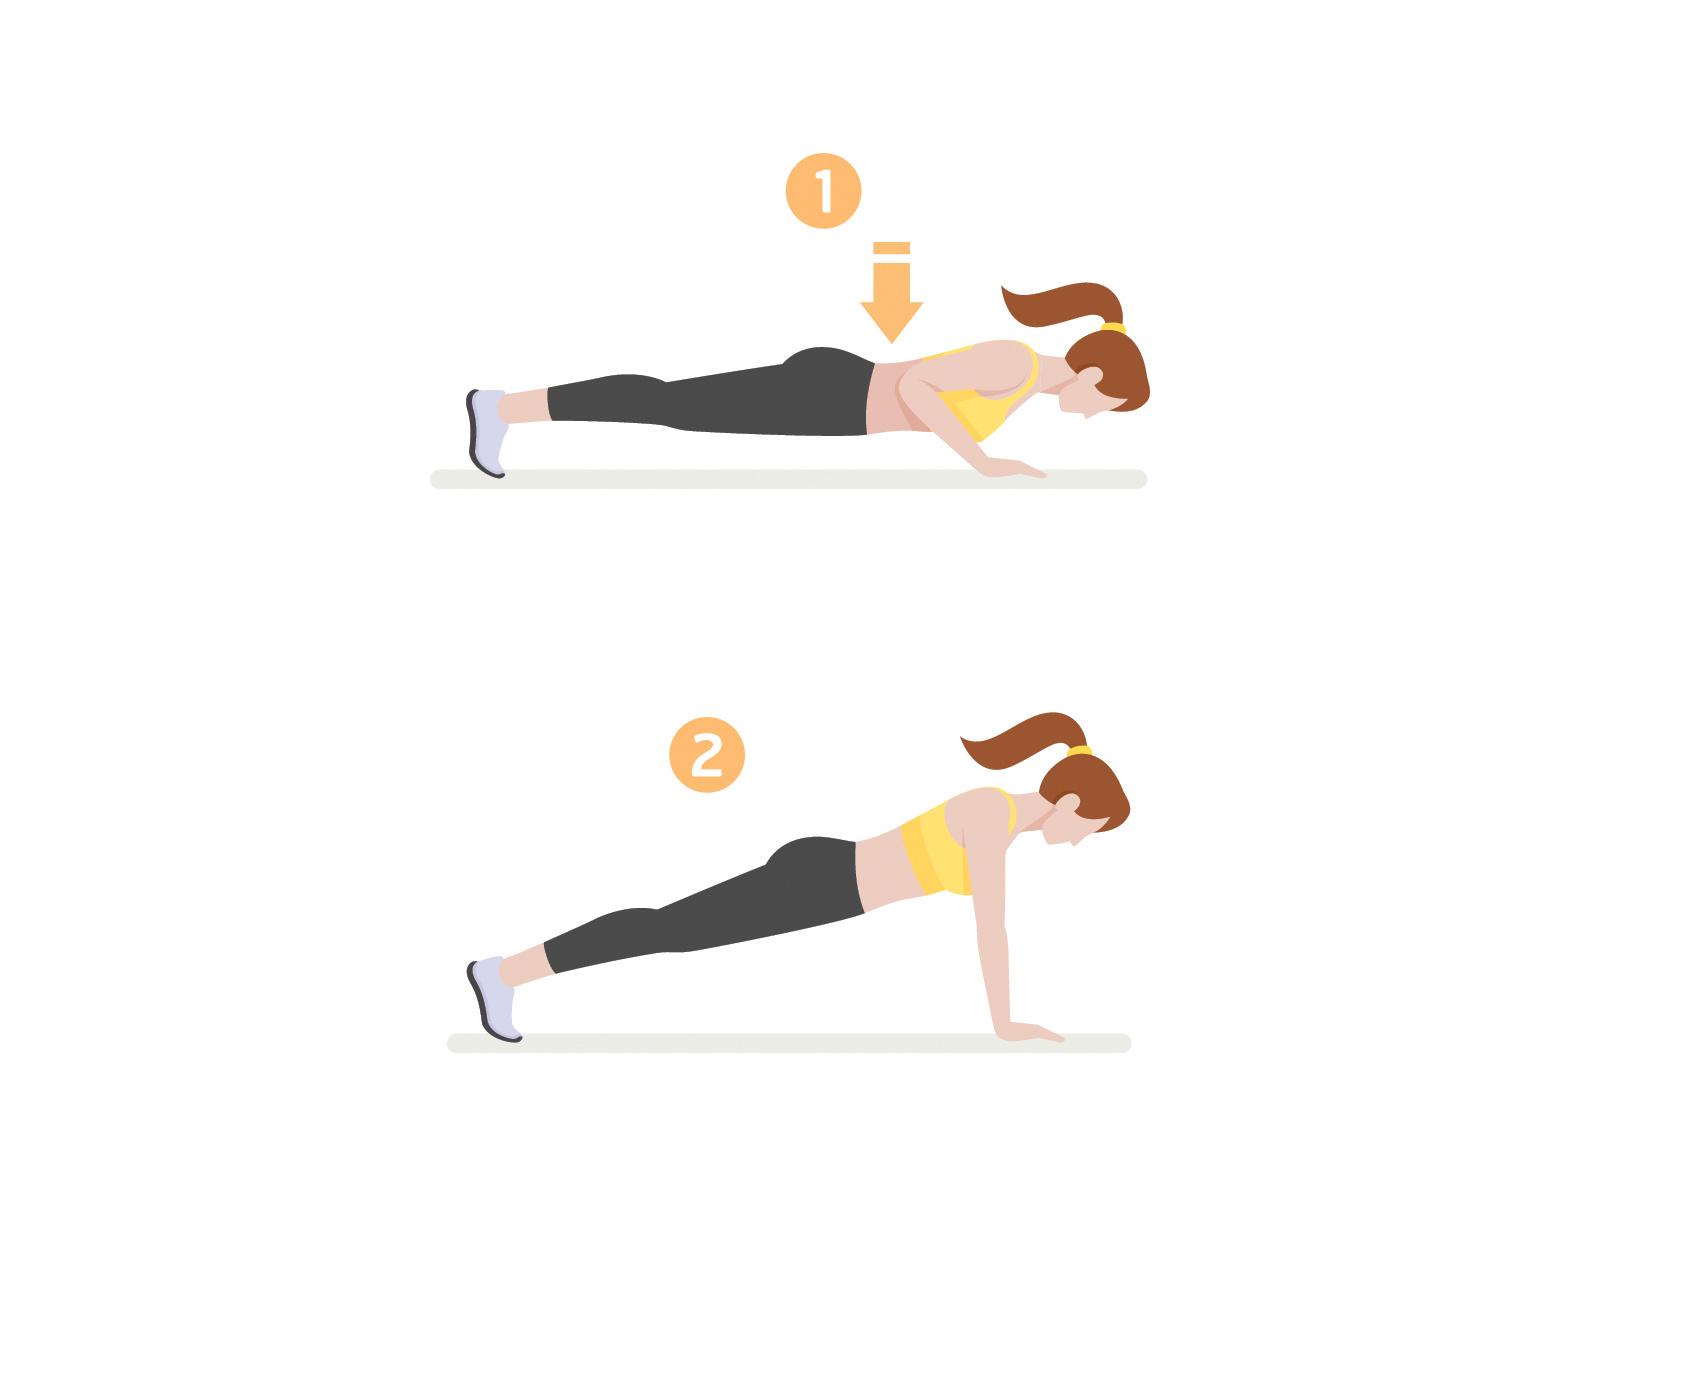 hipertóniával végezhet fekvőtámaszt milyen gyógyszert lehet a legjobban szedni magas vérnyomás esetén